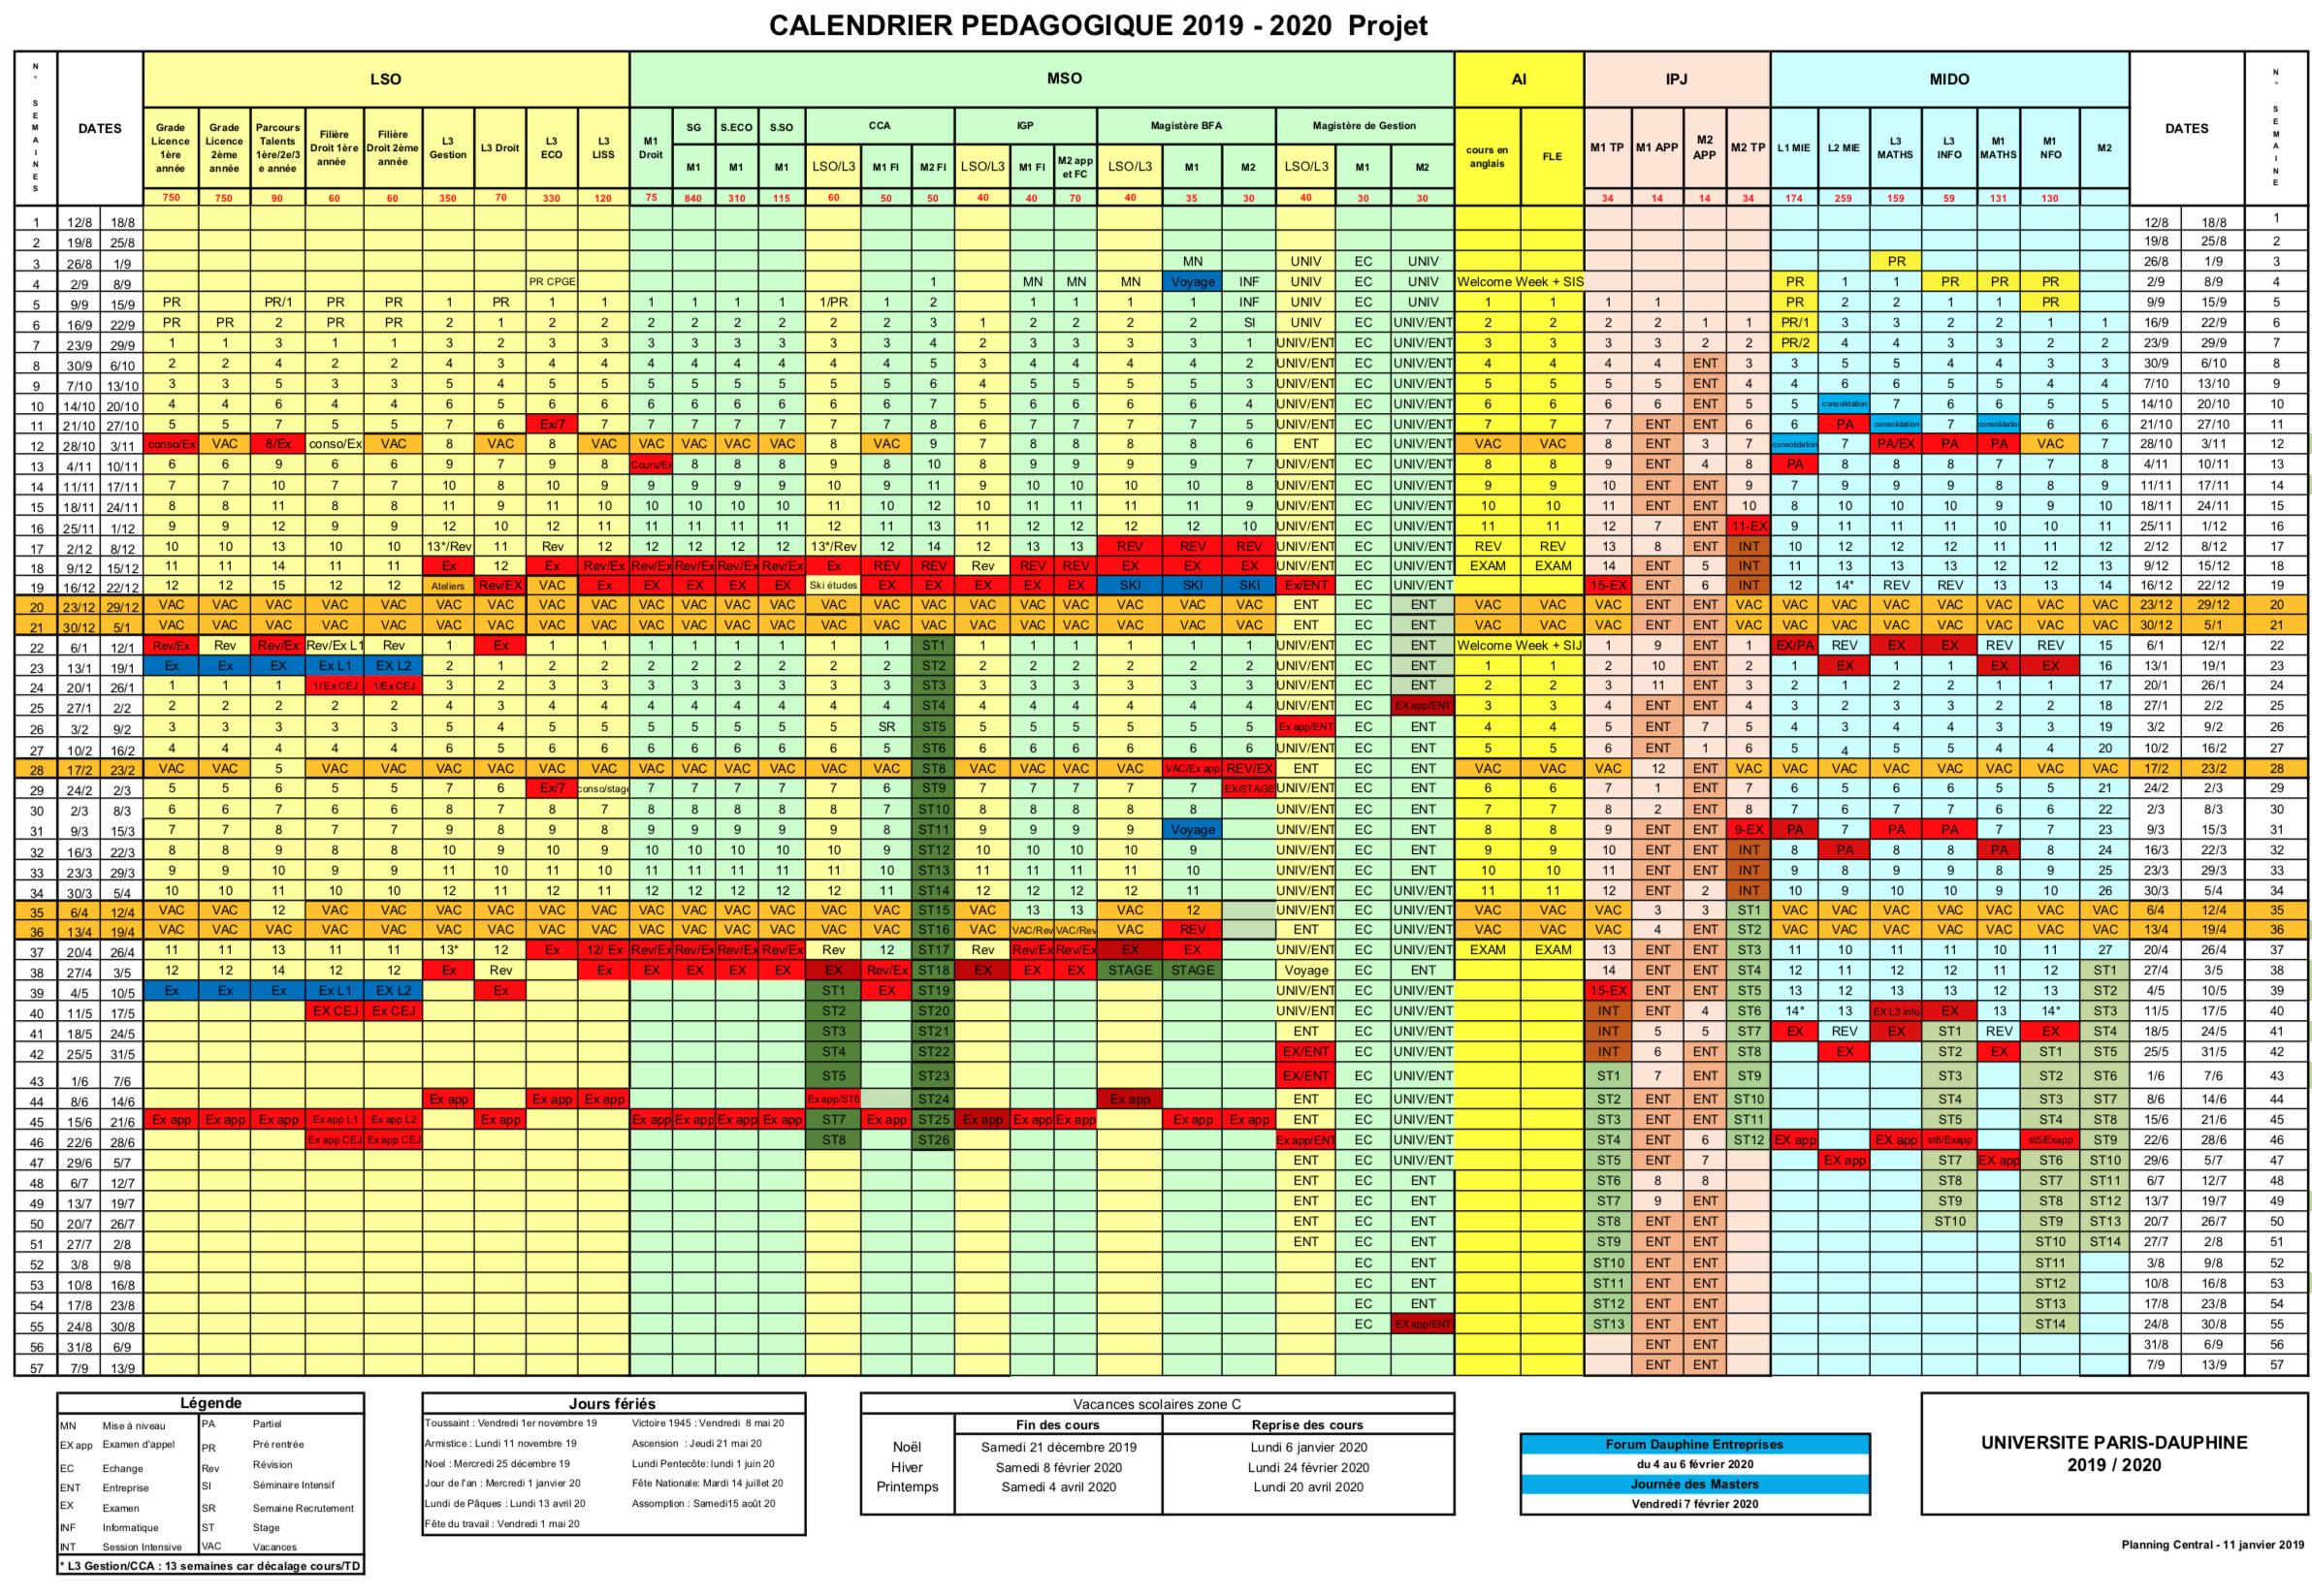 Calendrier Pédagogique Dauphine 2021 Calendrier pédagogique Dauphine 2019 2020 | Uni Dauphine